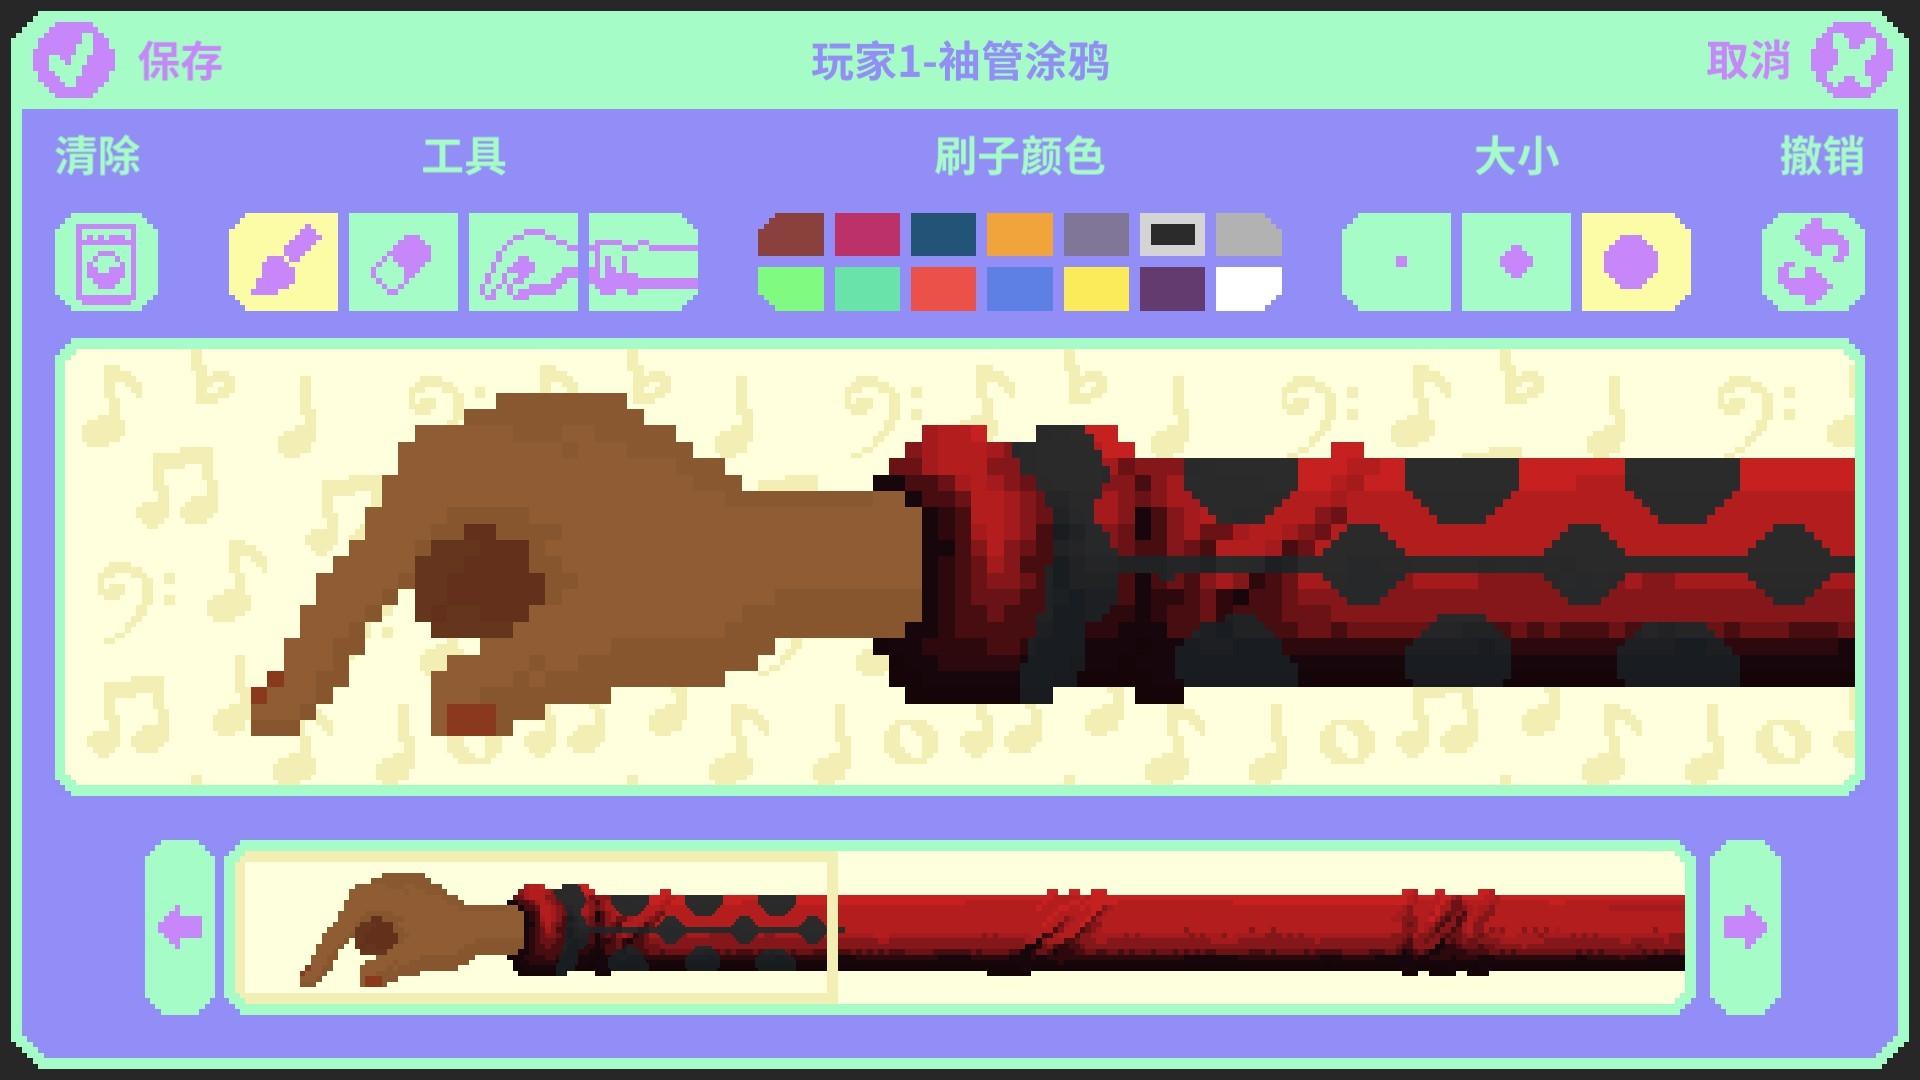 节奏医生/Rhythm Doctor(V.10.0(r15)中文语音)插图7